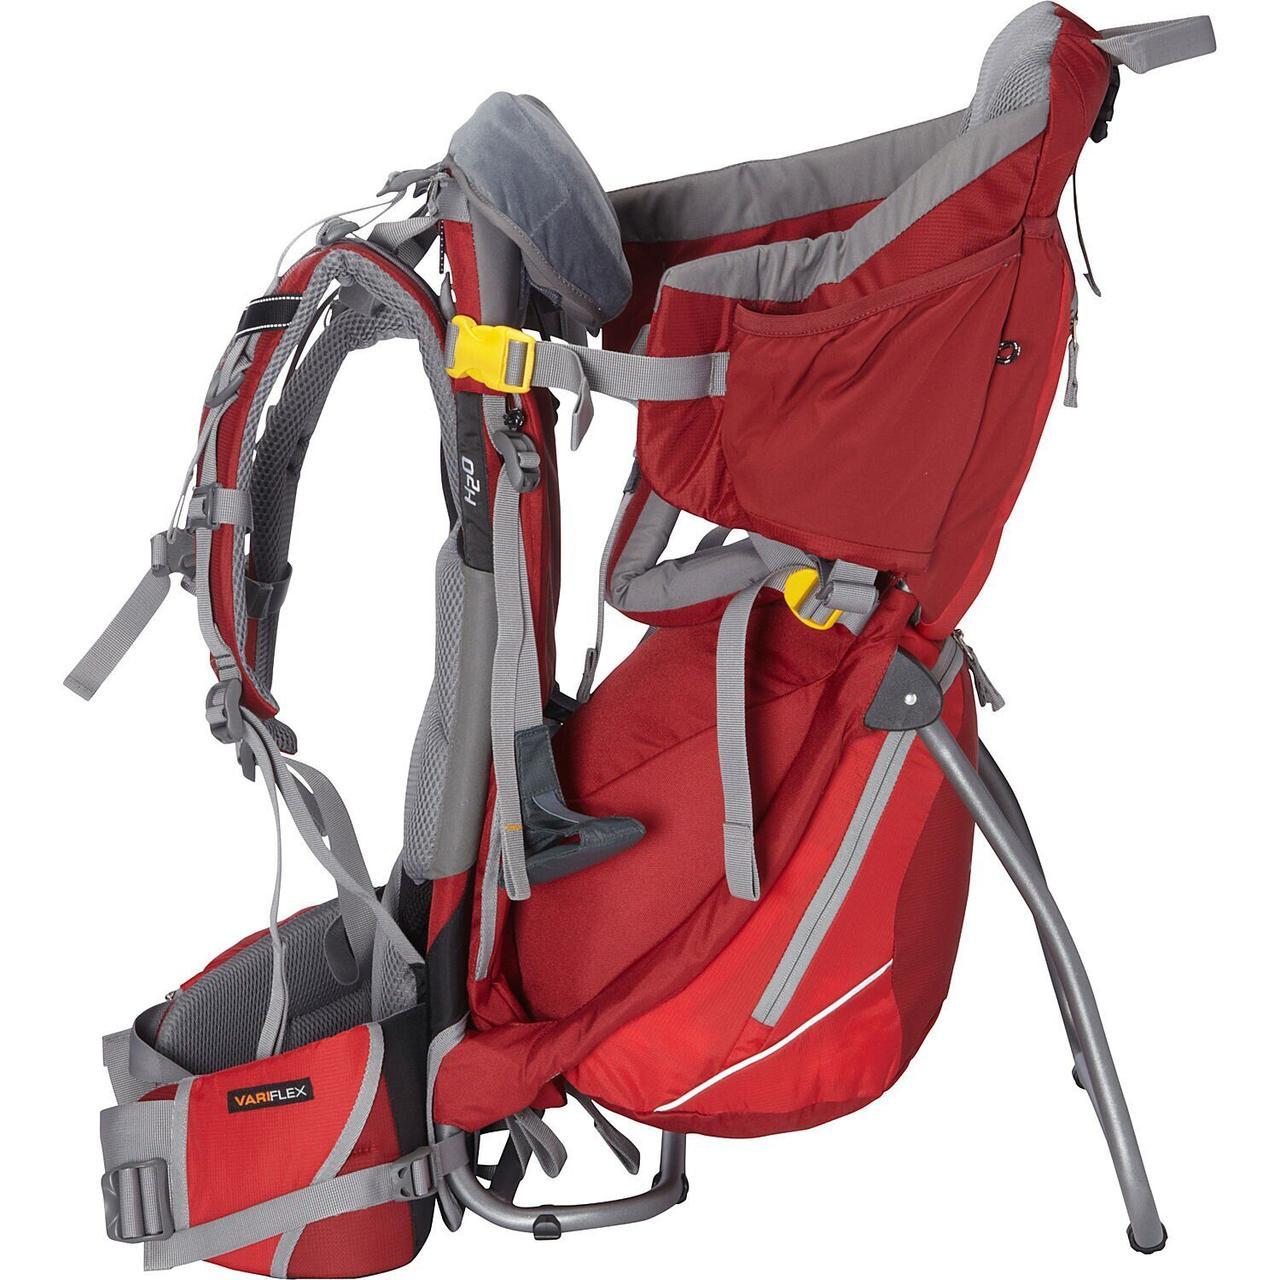 Рюкзак-переноска для детей Deuter Kid Comfort 2 cranberry-fire (36514 5560)